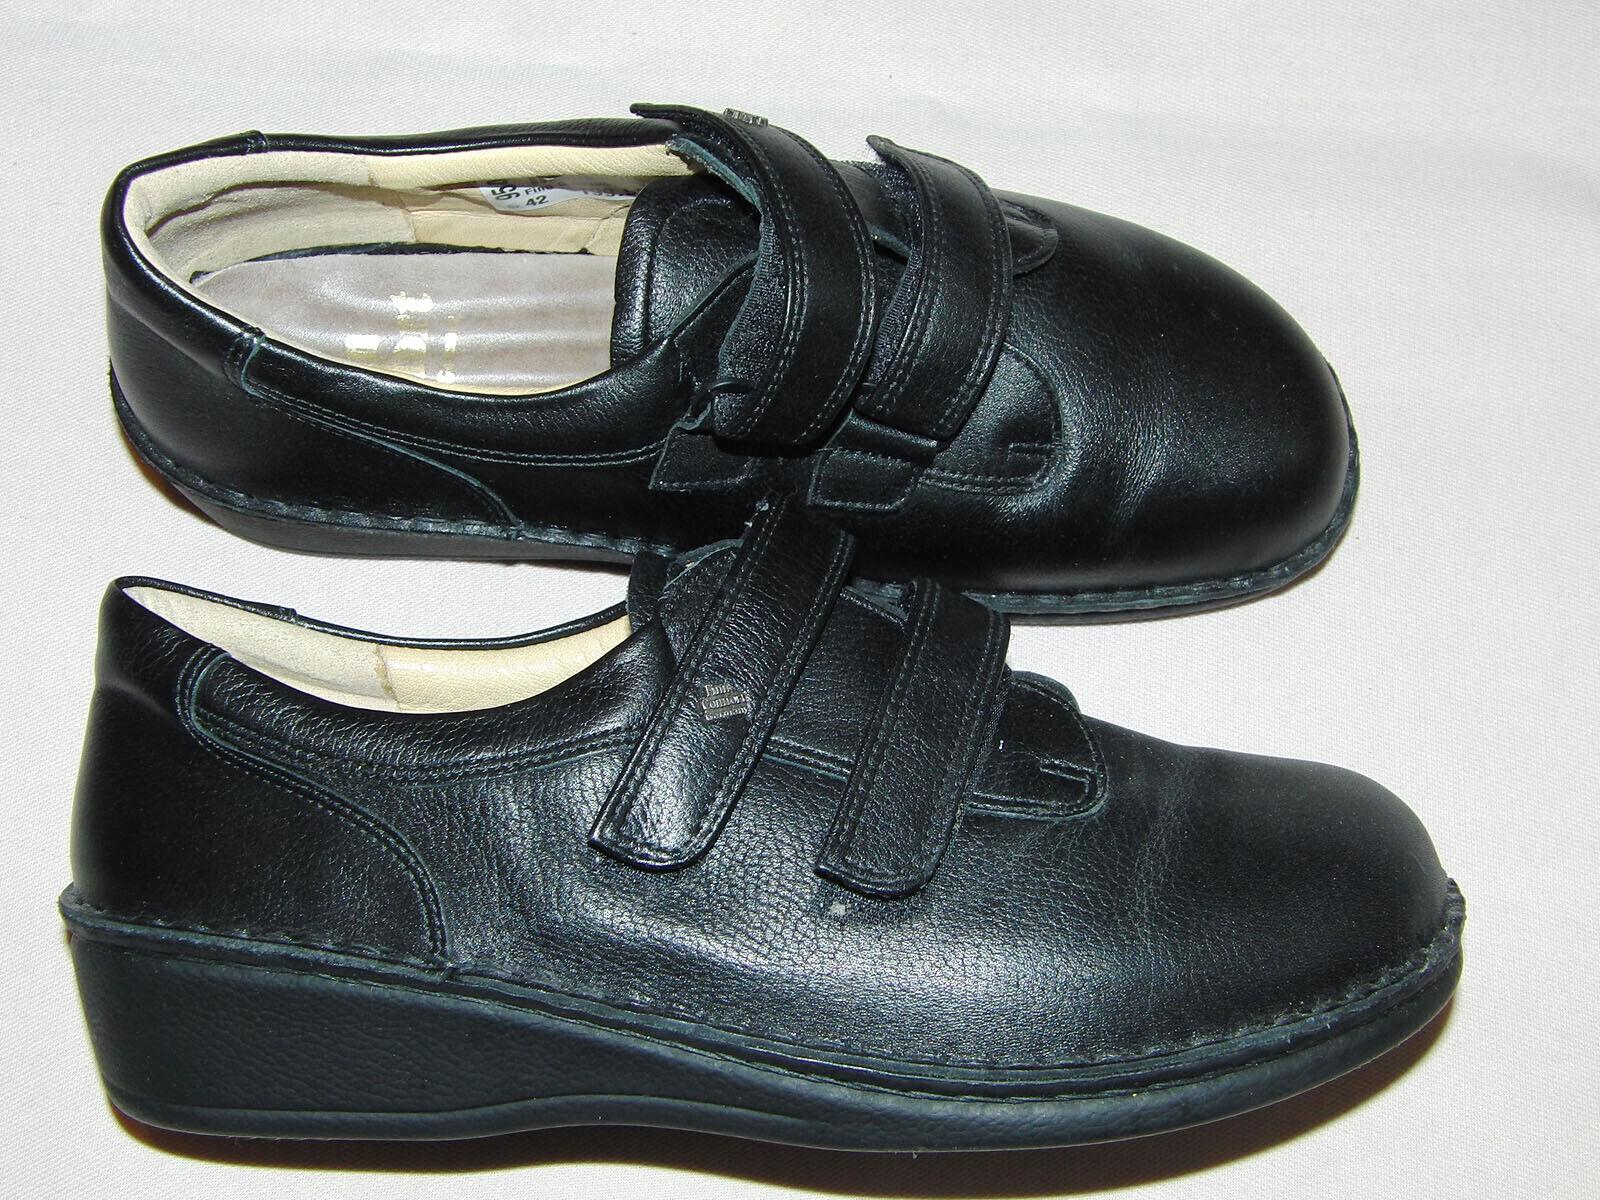 FINN COMFORT COMFORT COMFORT Schuhe Gr.42 schwarz NP.199 NEU 72acb7